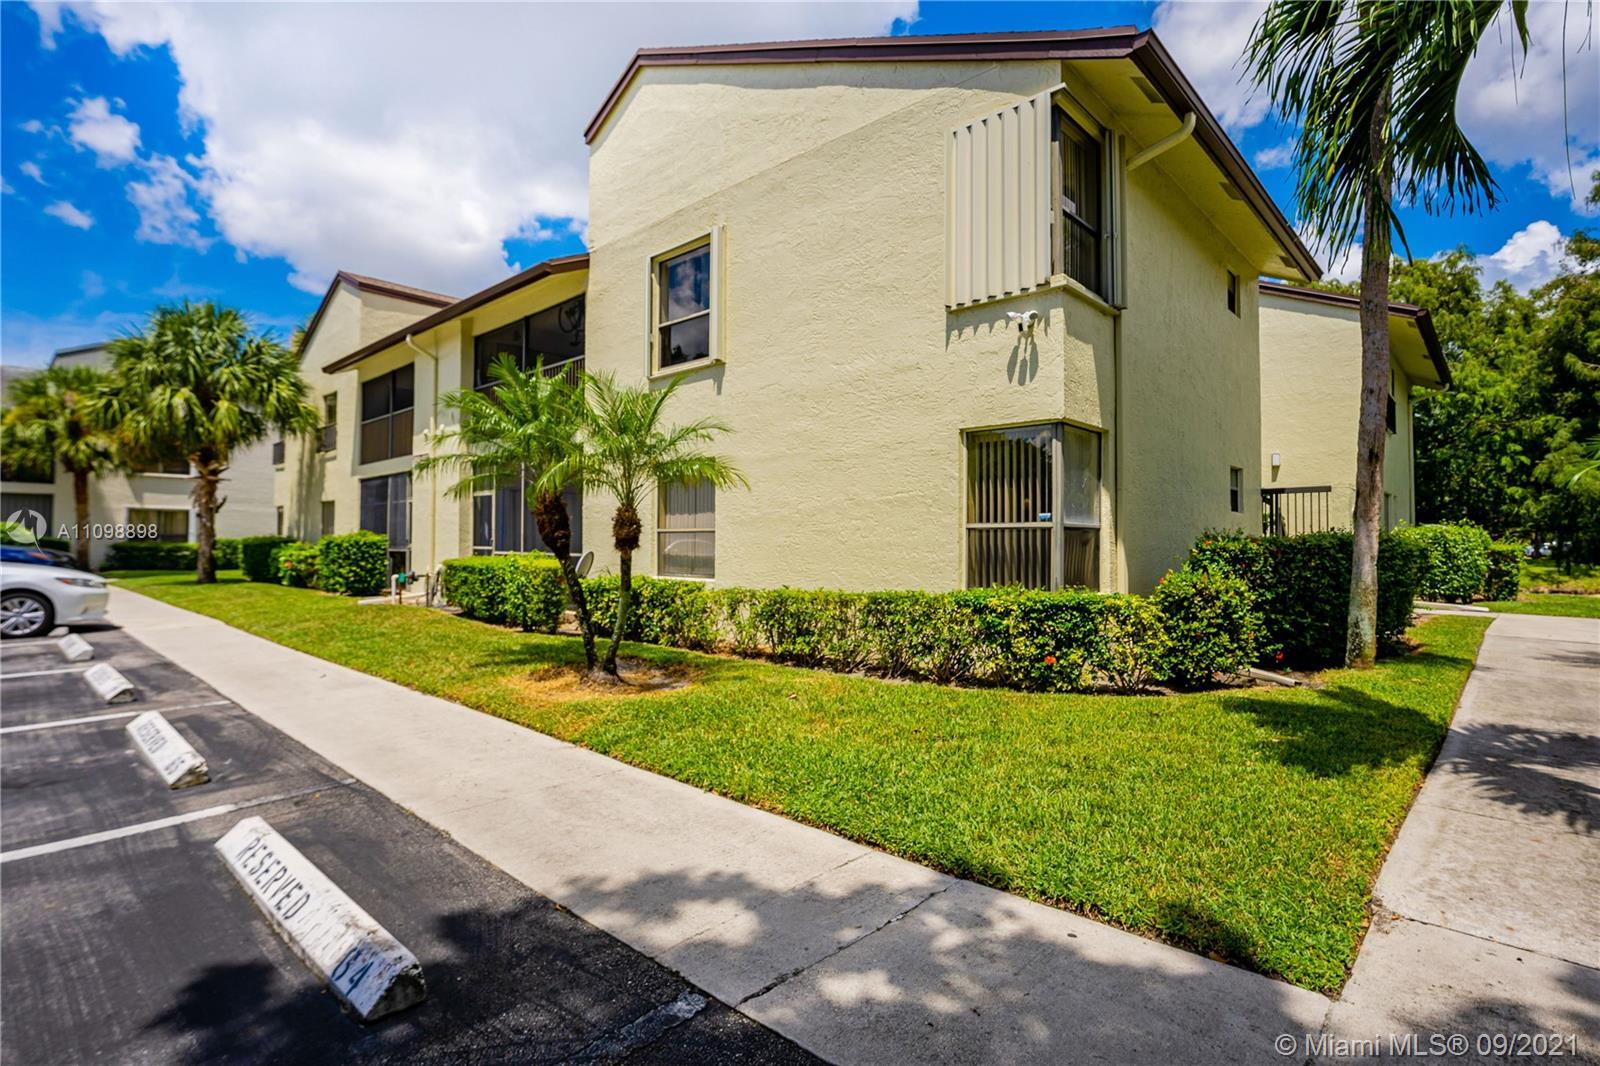 3515 Cocoplum Cir Unit 3458, Coconut Creek, Florida 33063